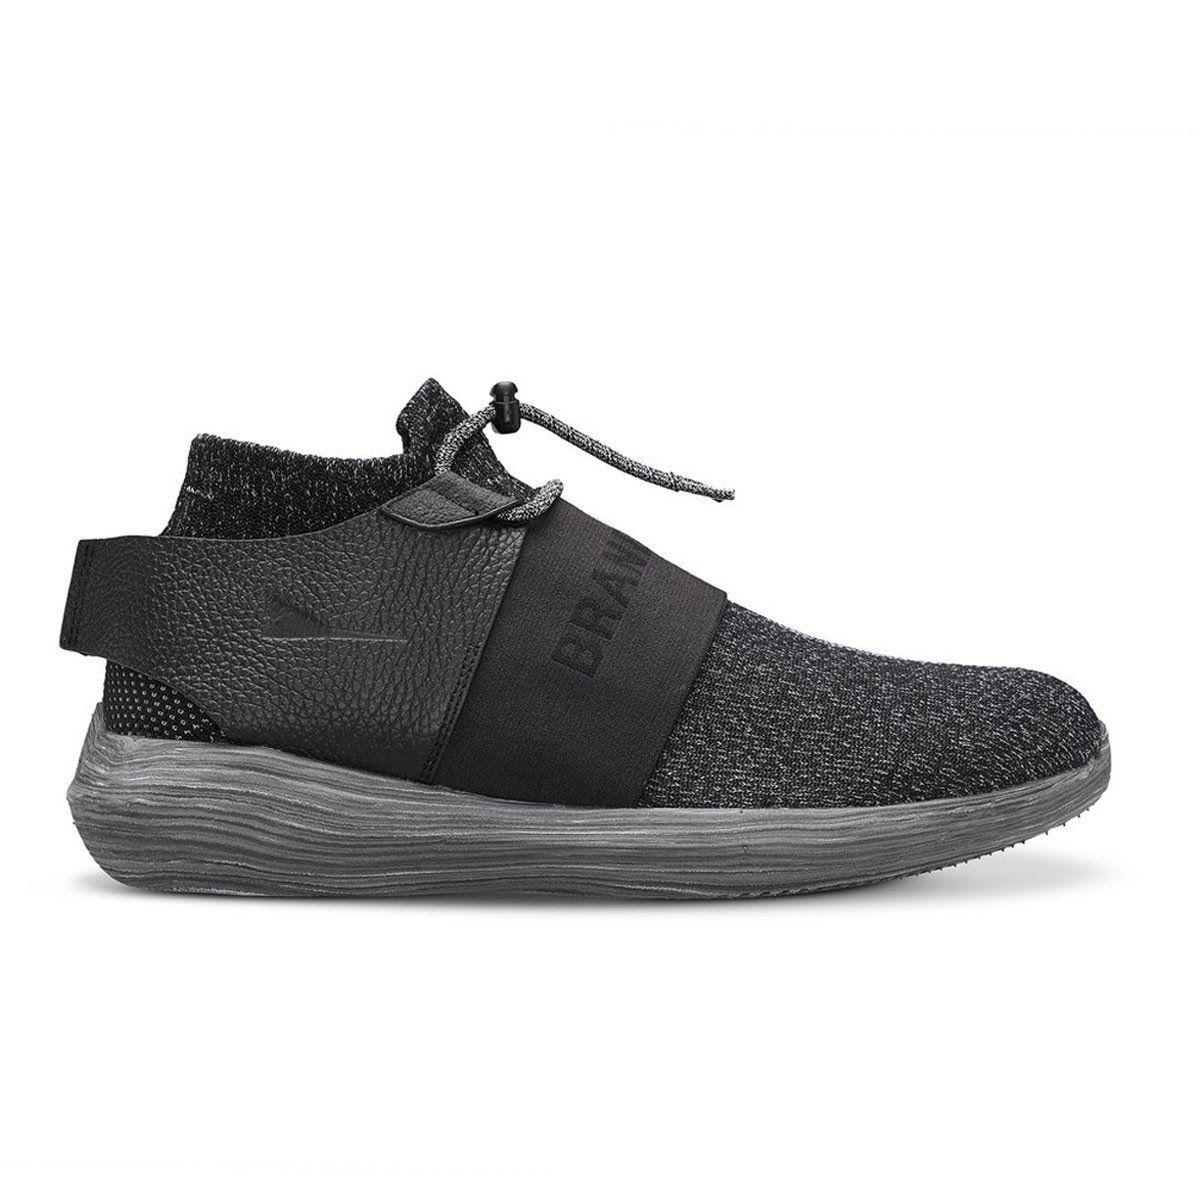 online retailer 5f19b 85138 Black Cool Adidas Shoes, Mens Fashion Shoes, Sneakers Fashion, Minimalist  Shoes, Dress